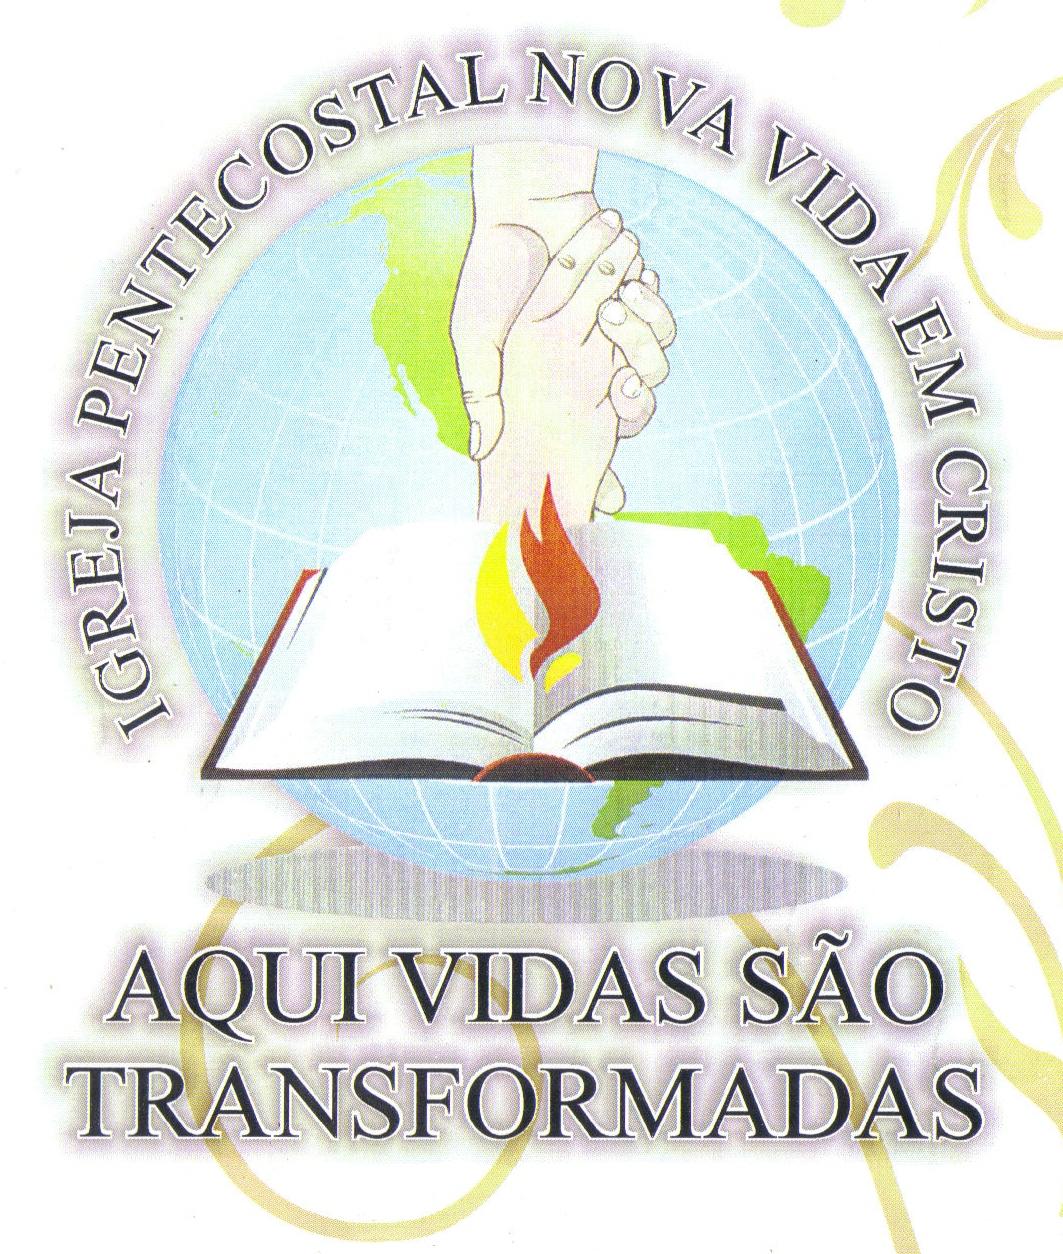 IGREJA PENTECOSTAL NOVA VIDA EM CRISTO